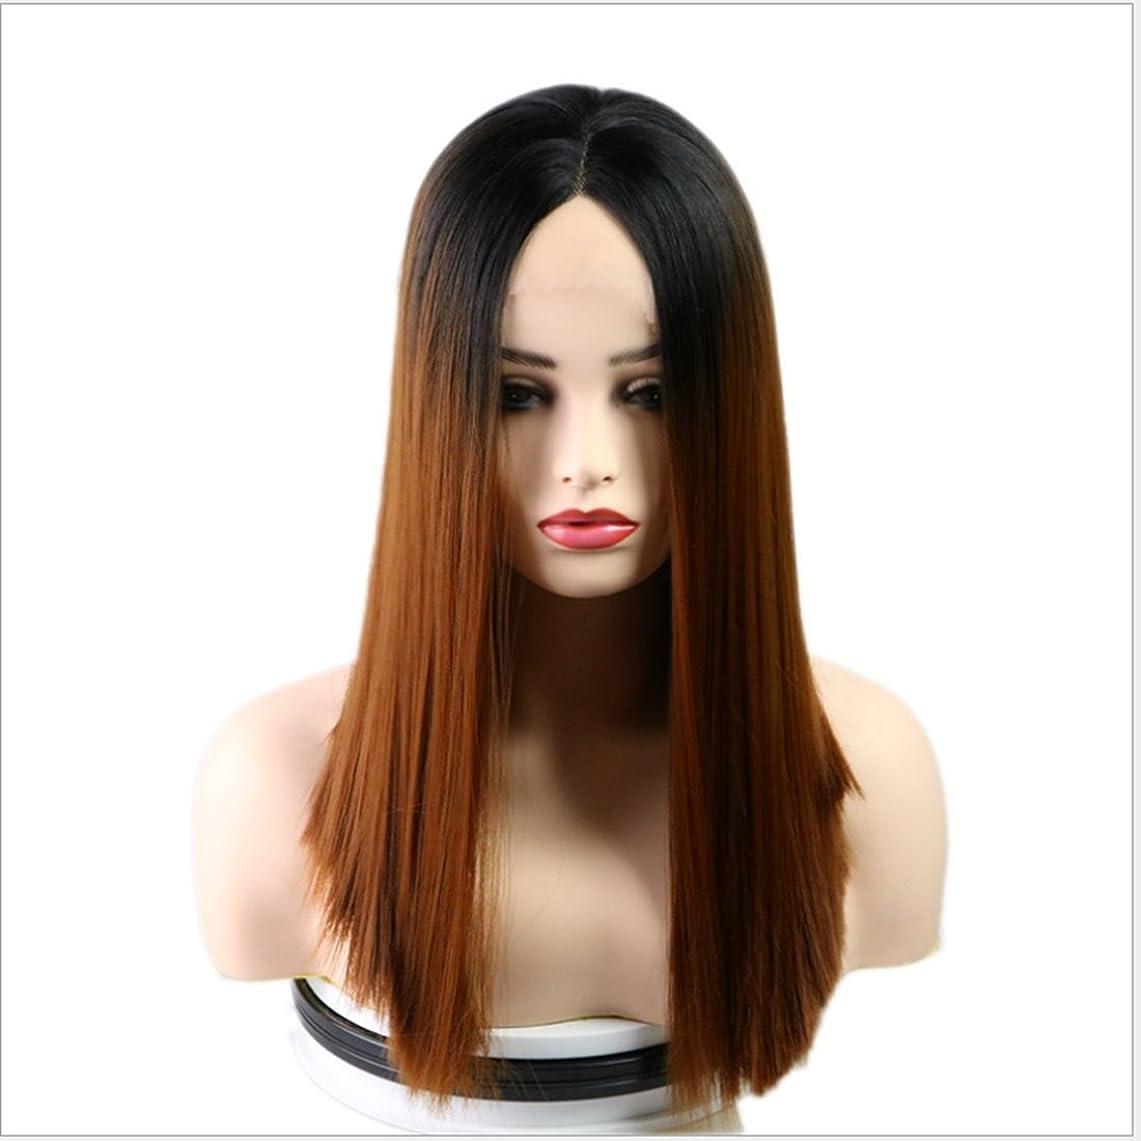 ポルトガル語許可コテージBOBIDYEE 女性のためのフルハンド織りヘアレースかつらレースフロントケミカルファイバーヘアーブラックグラデーションブラウンかつらミディアム前髪非鉄染め長さ16インチ/ 235g合成髪レースかつらロールプレイングかつら (色 : Black gradient brown)